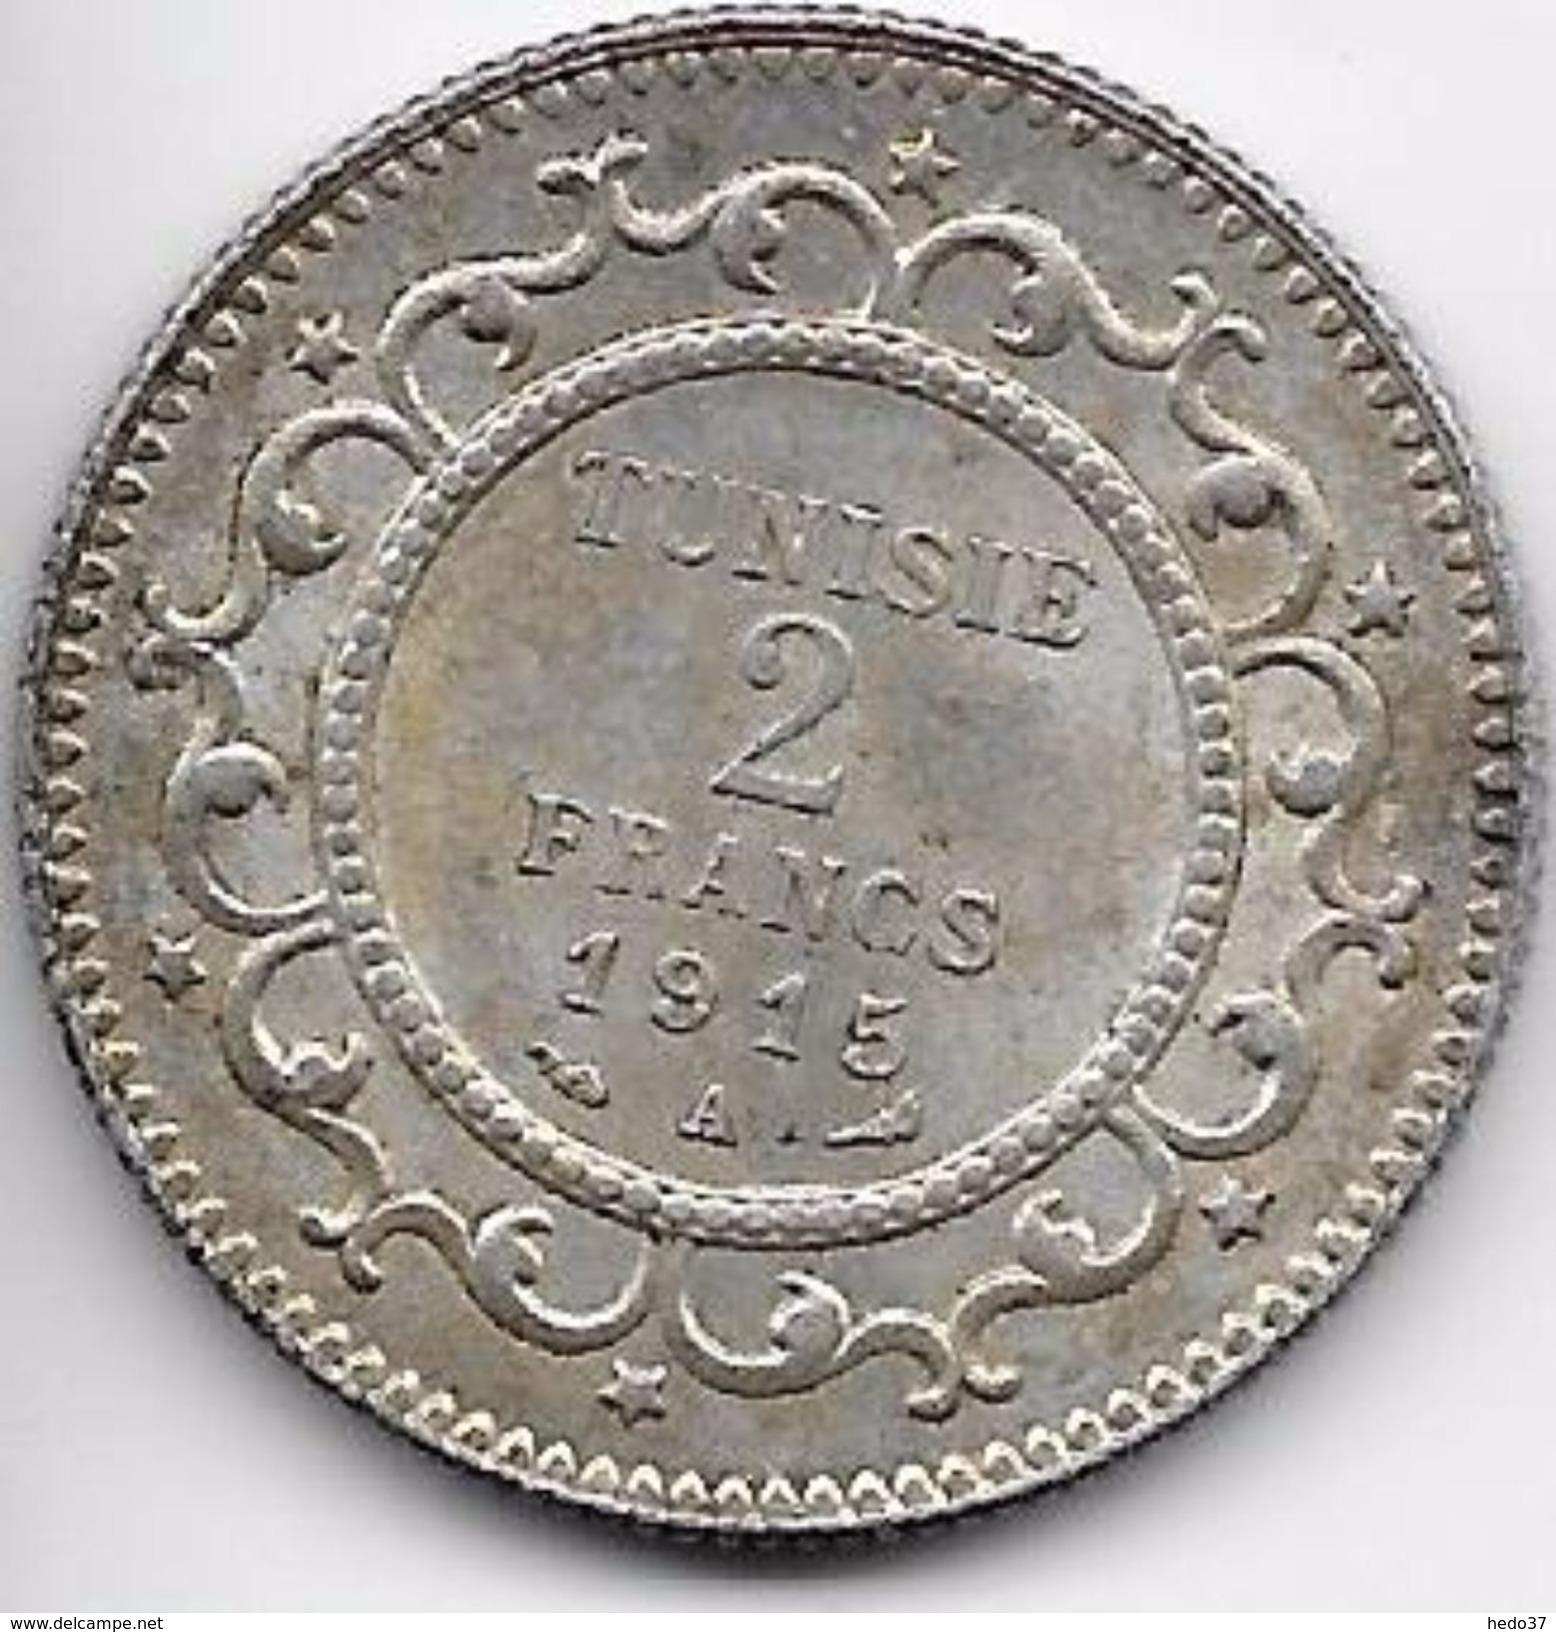 Tunisie 2 Francs 1915 Argent - Monnaies